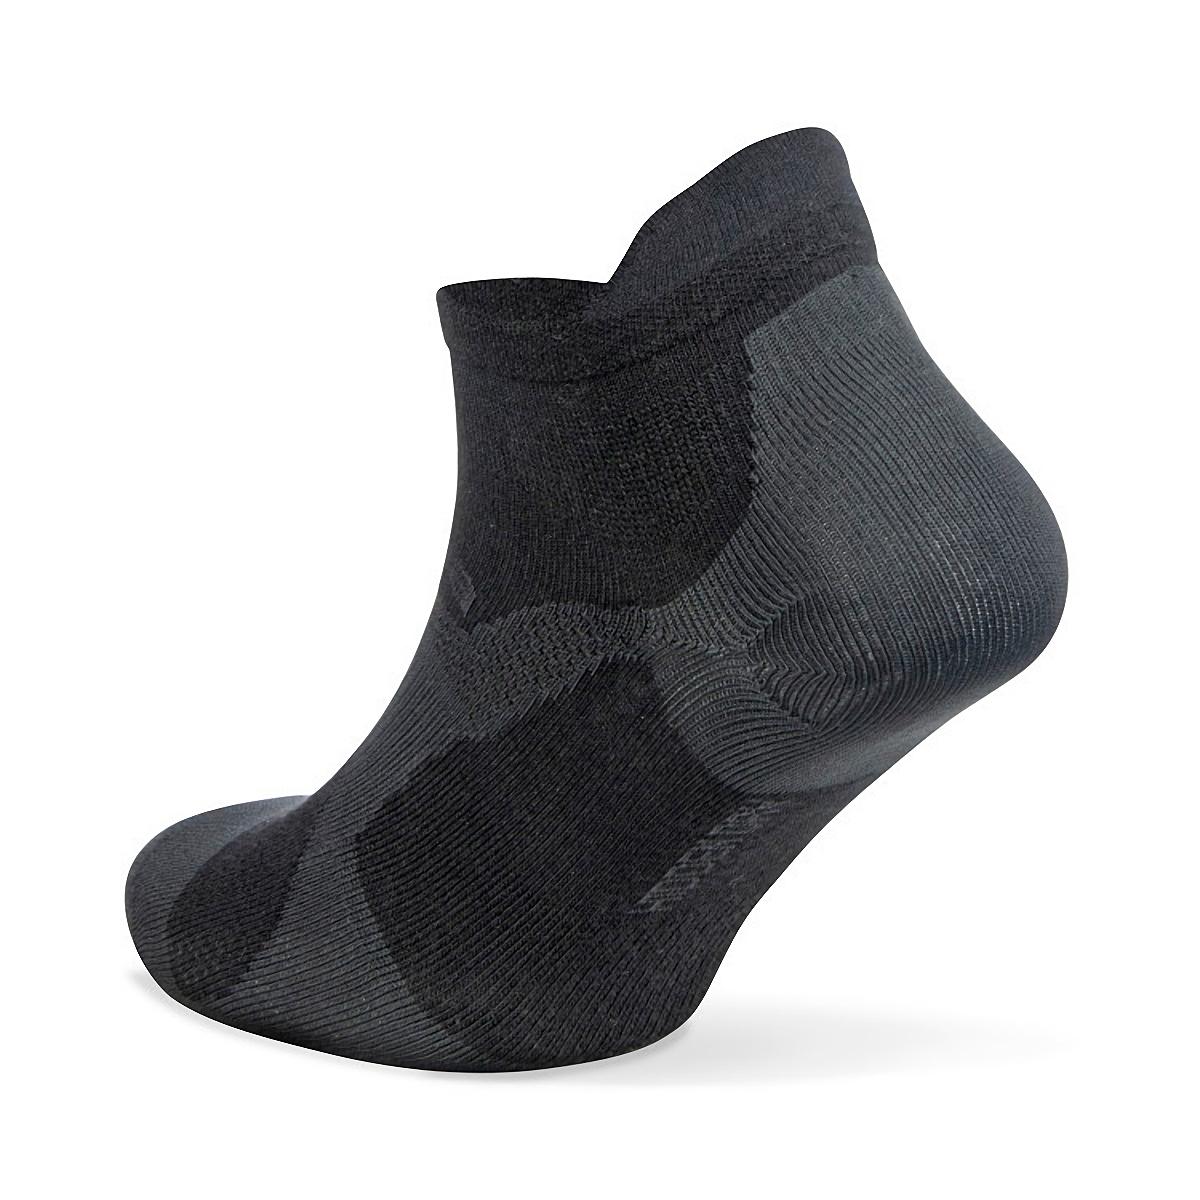 Balega Hidden Dry No Show Socks - Color: Black - Size: S, Black, large, image 3